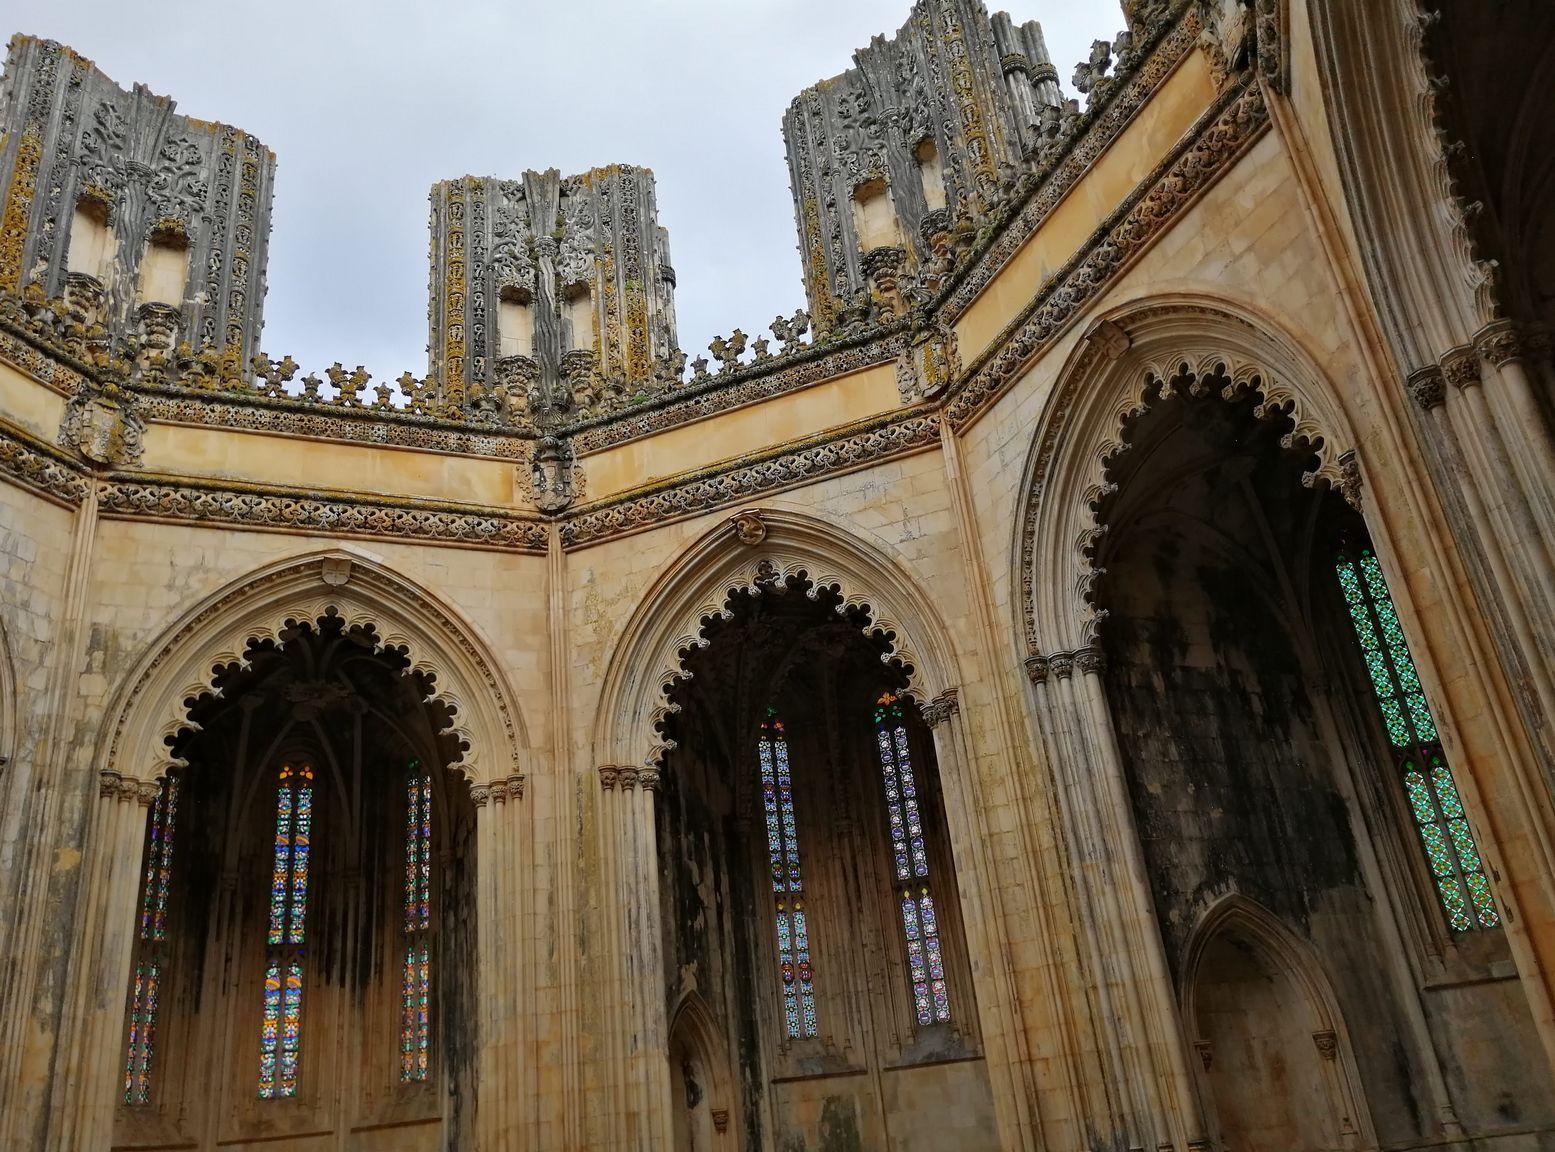 Les chapelles imparfaites à ciel ouvert. Le chantier du monastère dura deux siècles sous le règne de 7 souverains portugais pour finalement ne jamais s'achever.